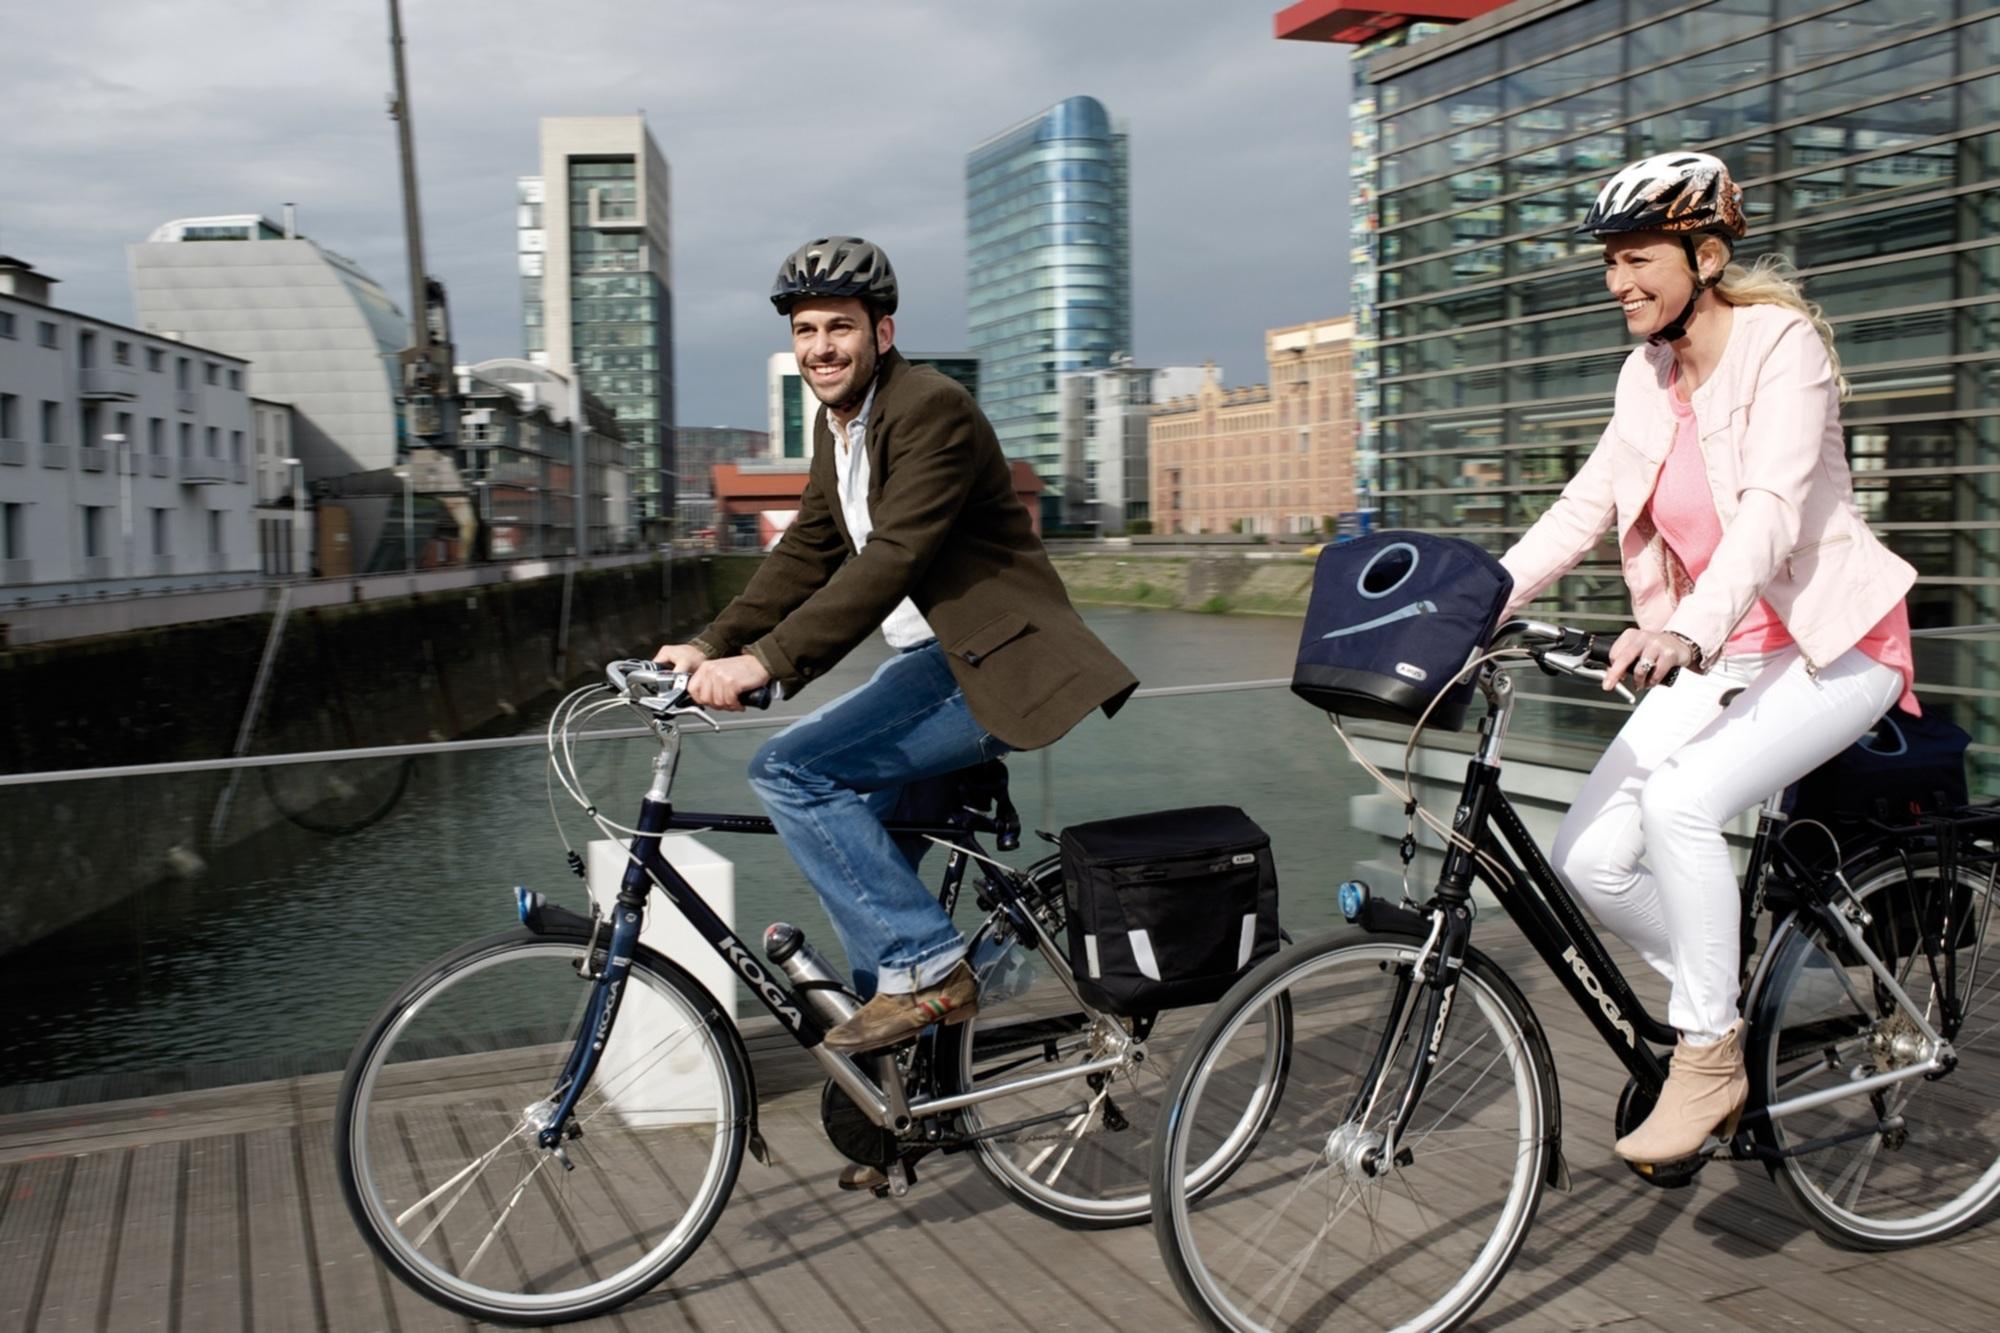 Untersuchung zu verunglückten Fahrradfahrern - Ohne Helm wird´s lebensgefährlich